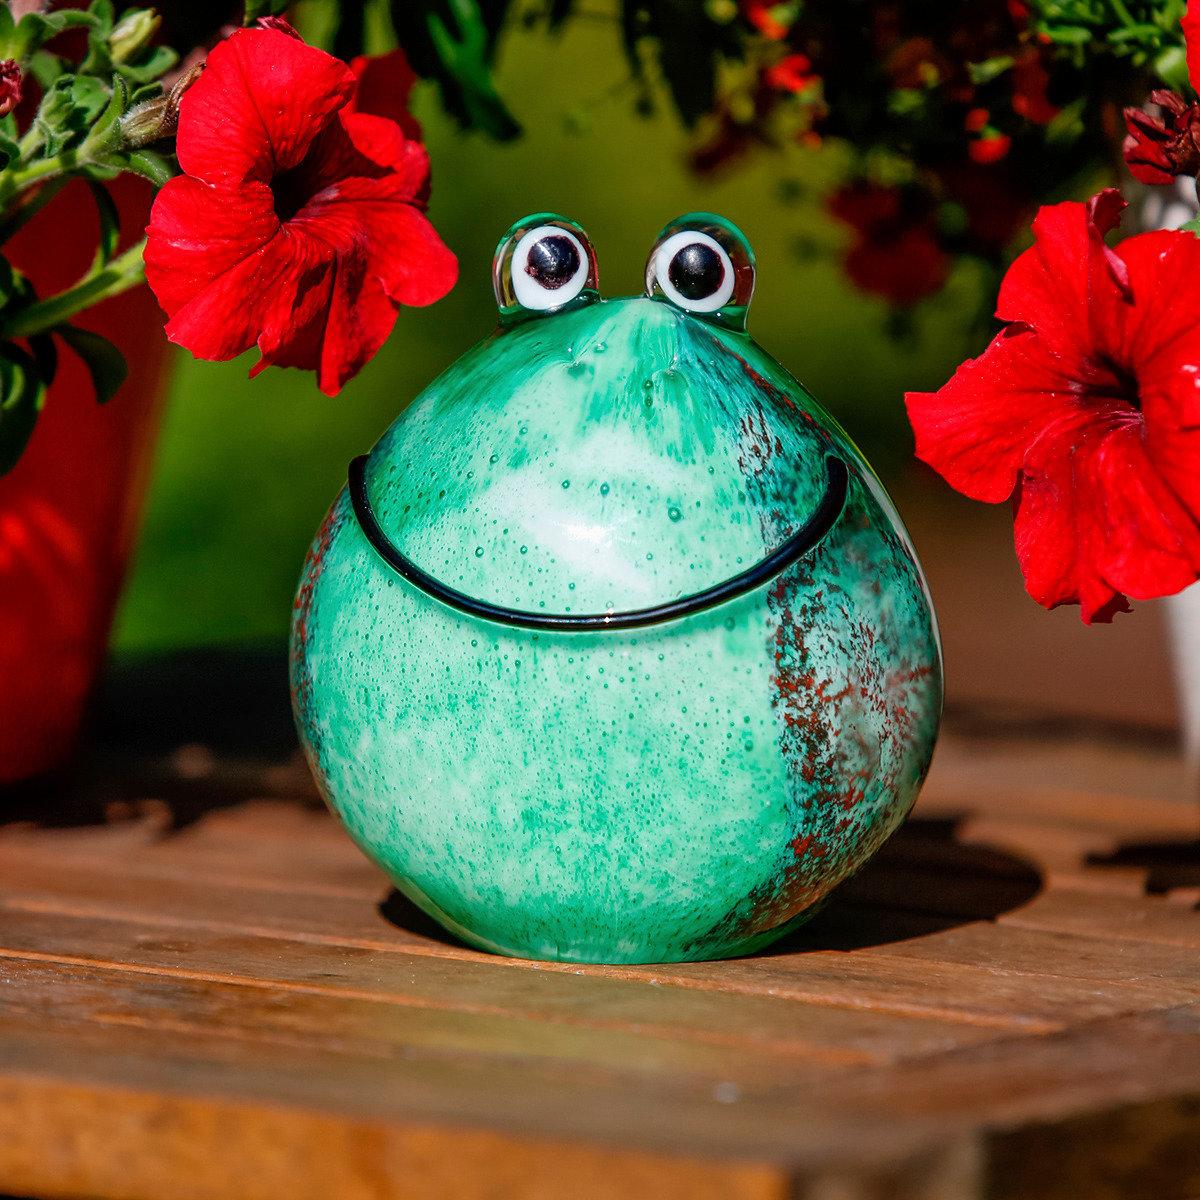 Gartendekoration glasfrosch g nni von g rtner p tschke for Weihnachtliche gartendekoration